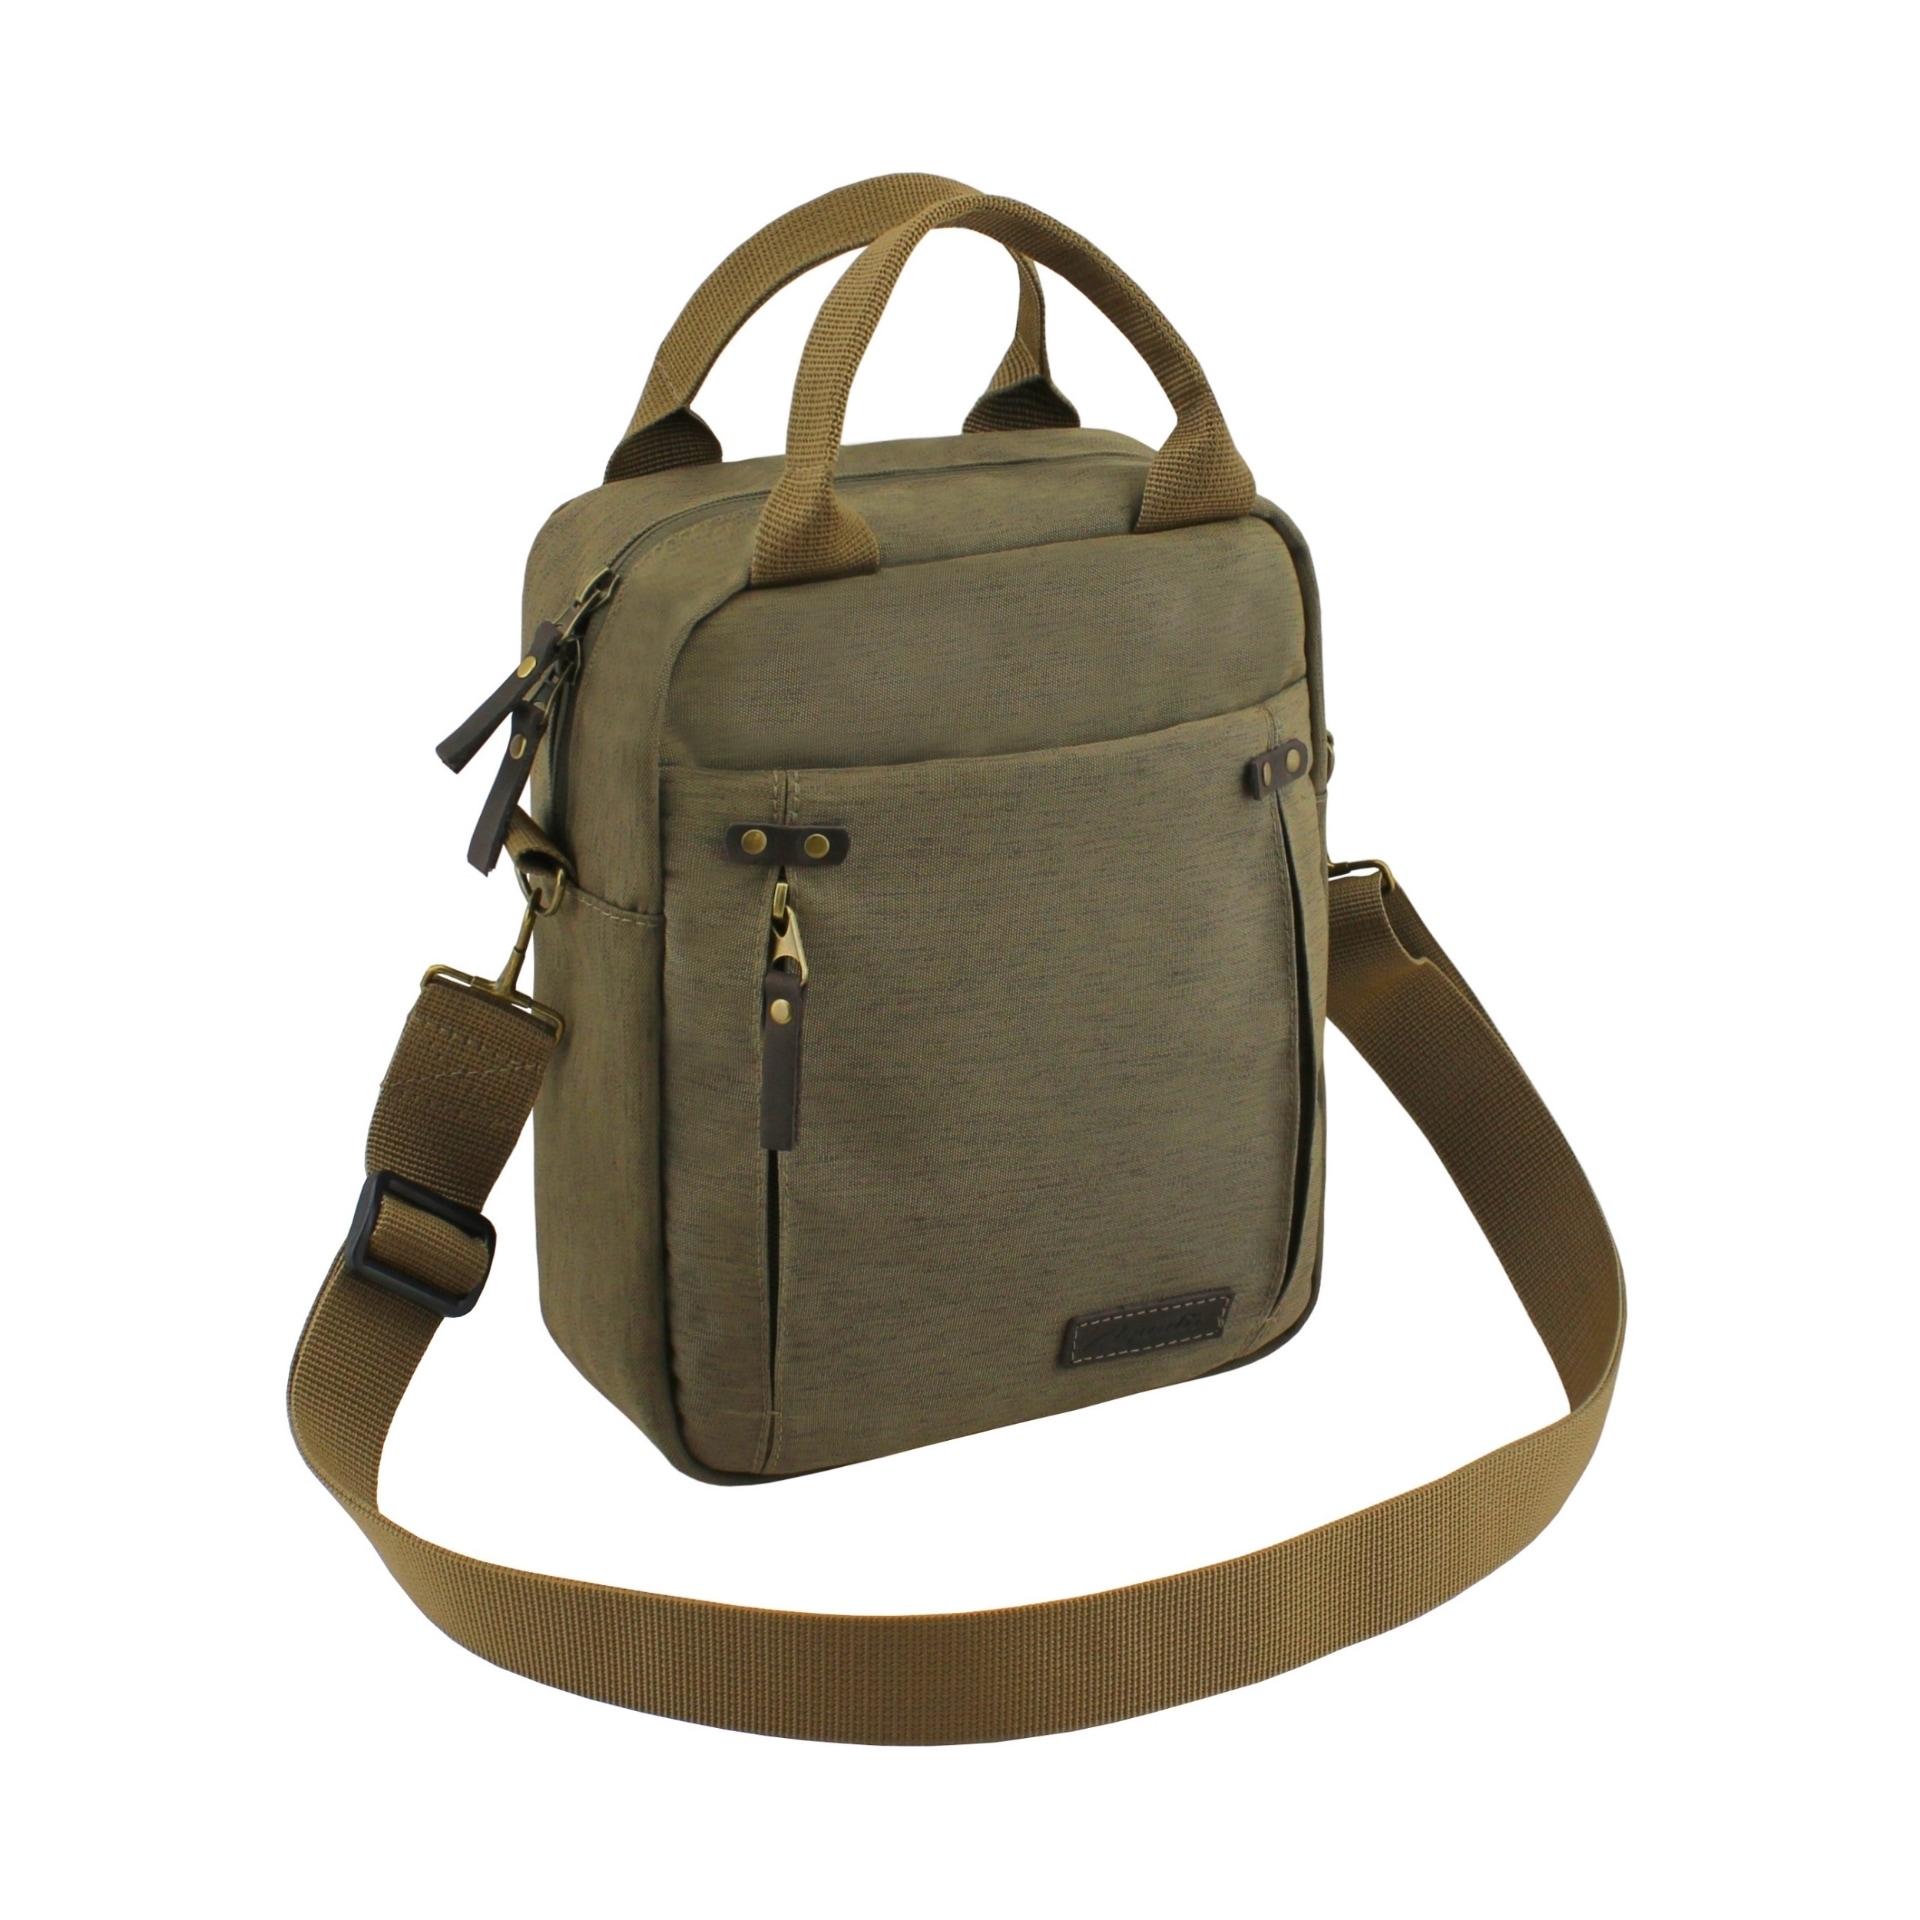 Спортивная сумка Aquatic С-45Х хаки